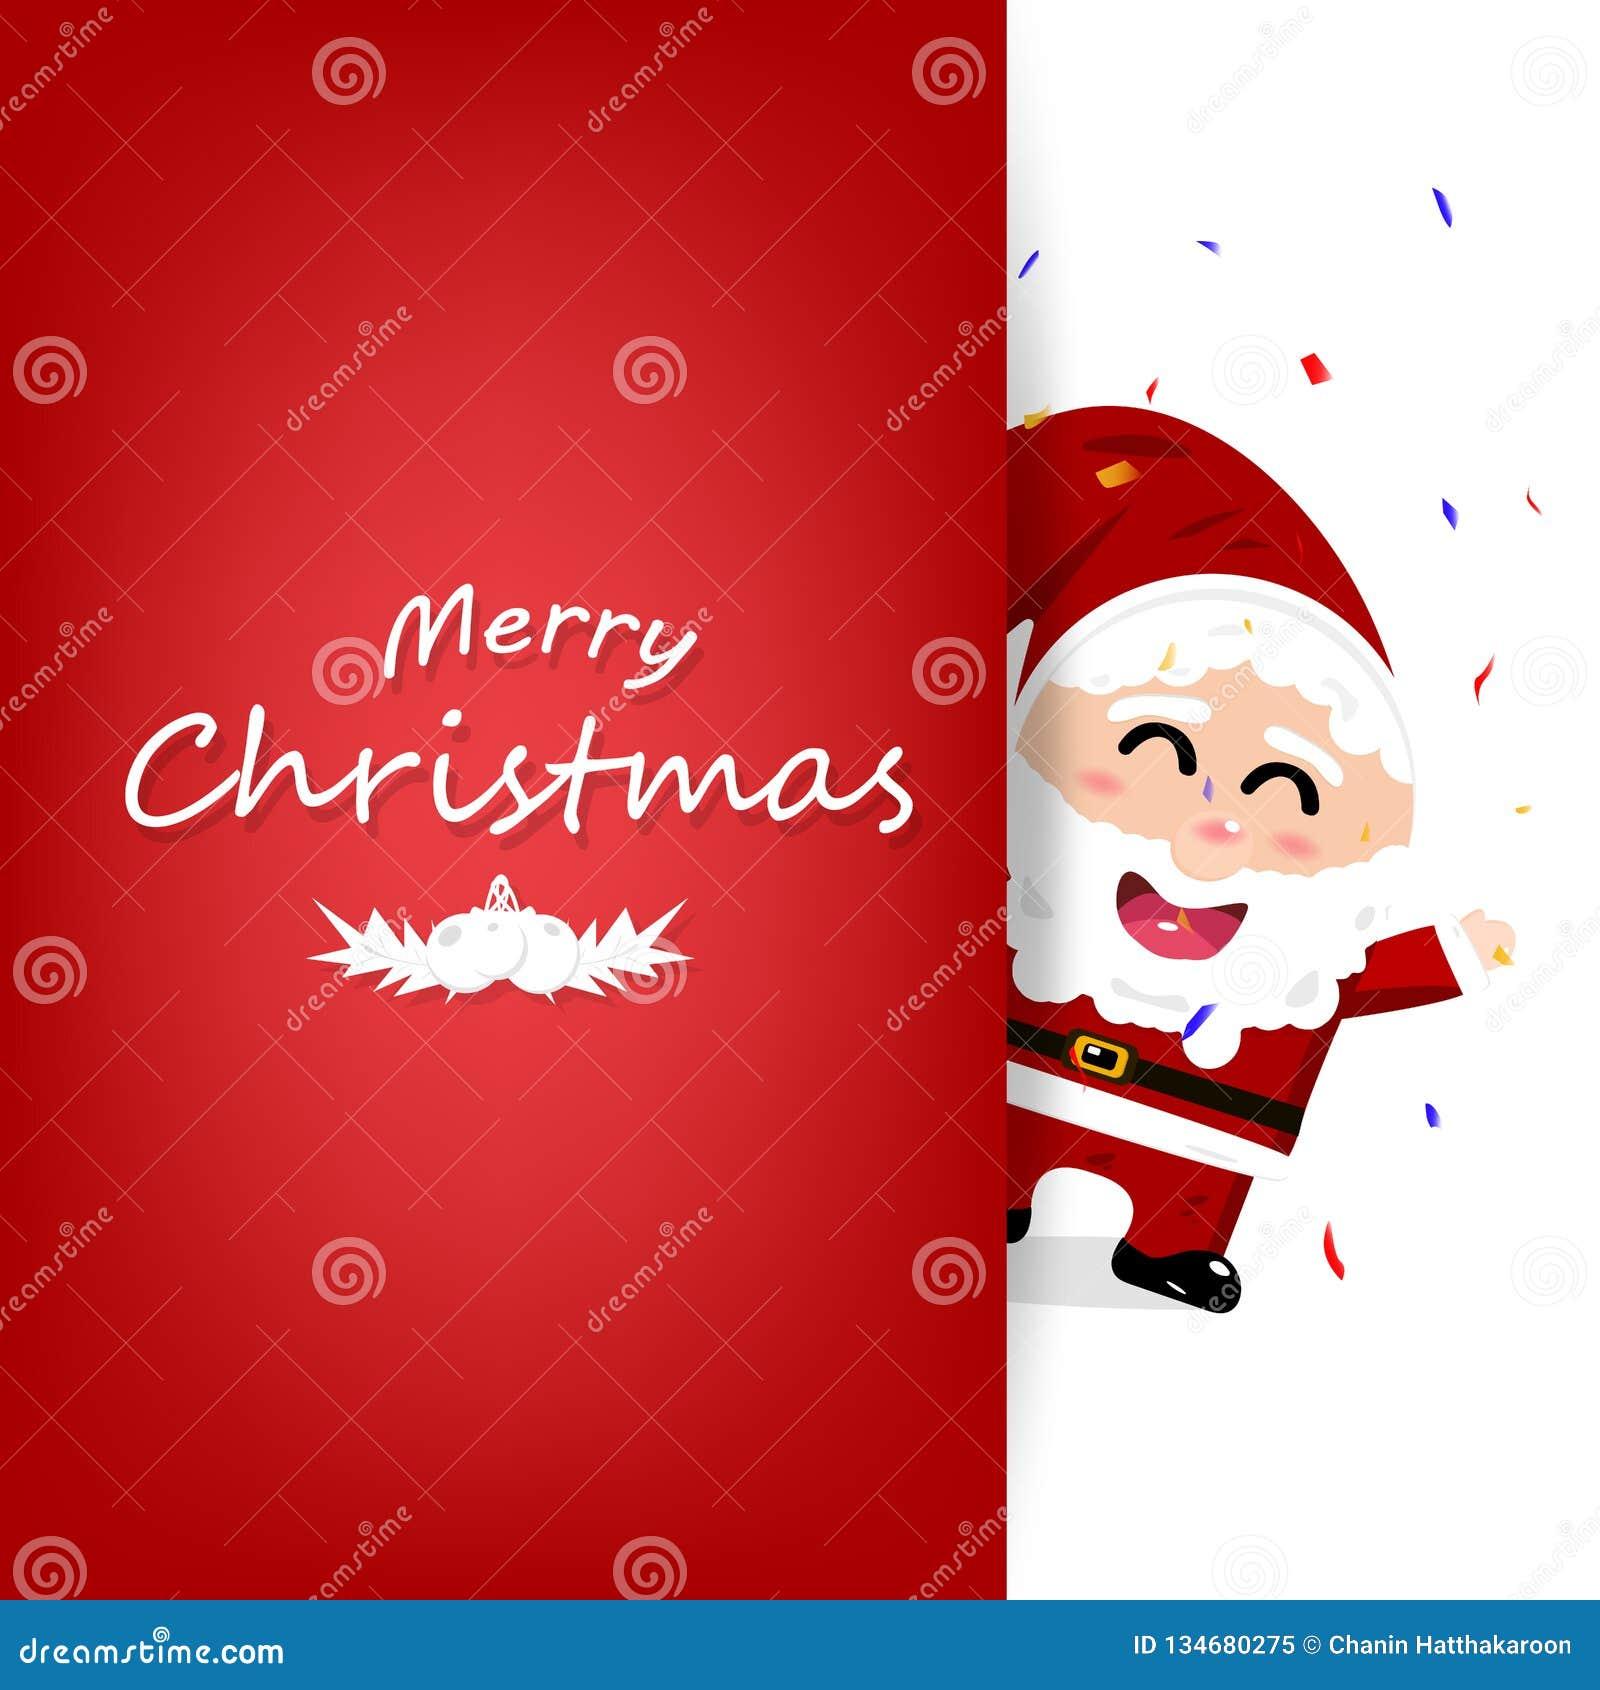 Рождество, карта торжества приглашения, партия с confetti падая, дизайн знамени плаката, милый персонаж из мультфильма Санта Клау